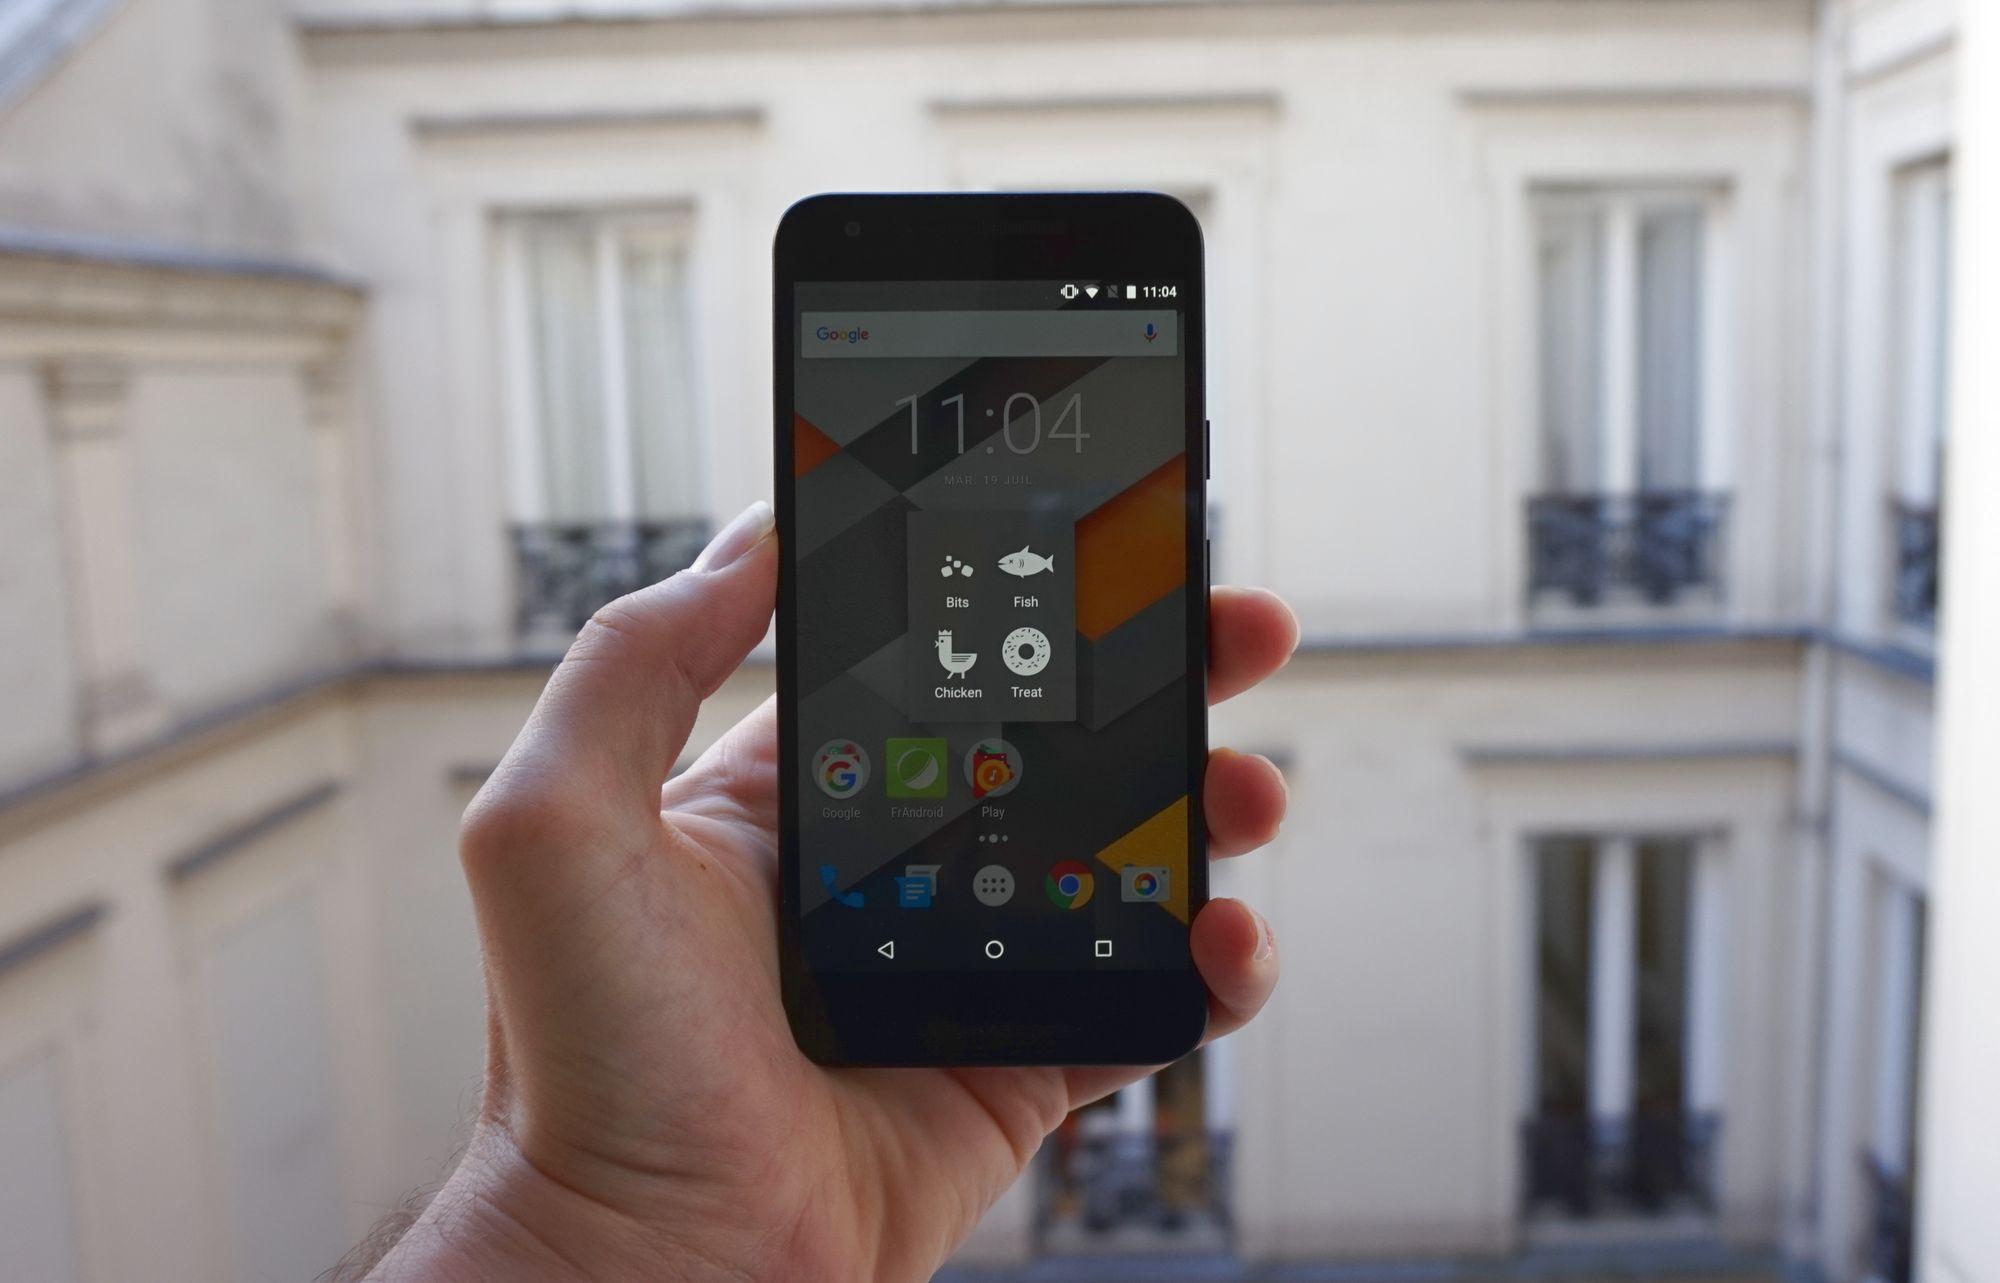 Android 7.0 Nougat a un nouvel easter egg et il est question d'attraper des chats